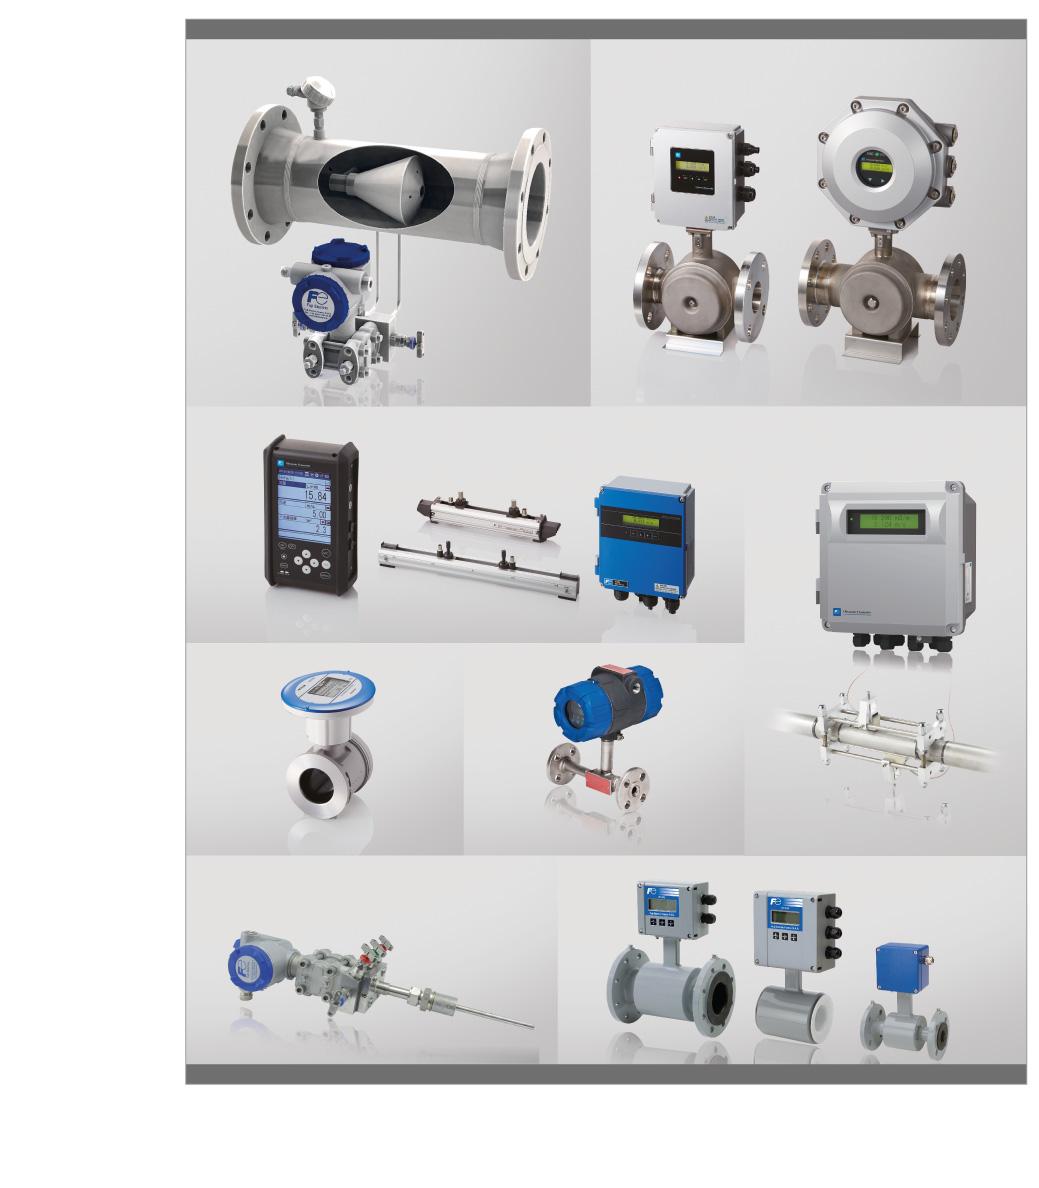 Flowmeter and fluids flow measurement